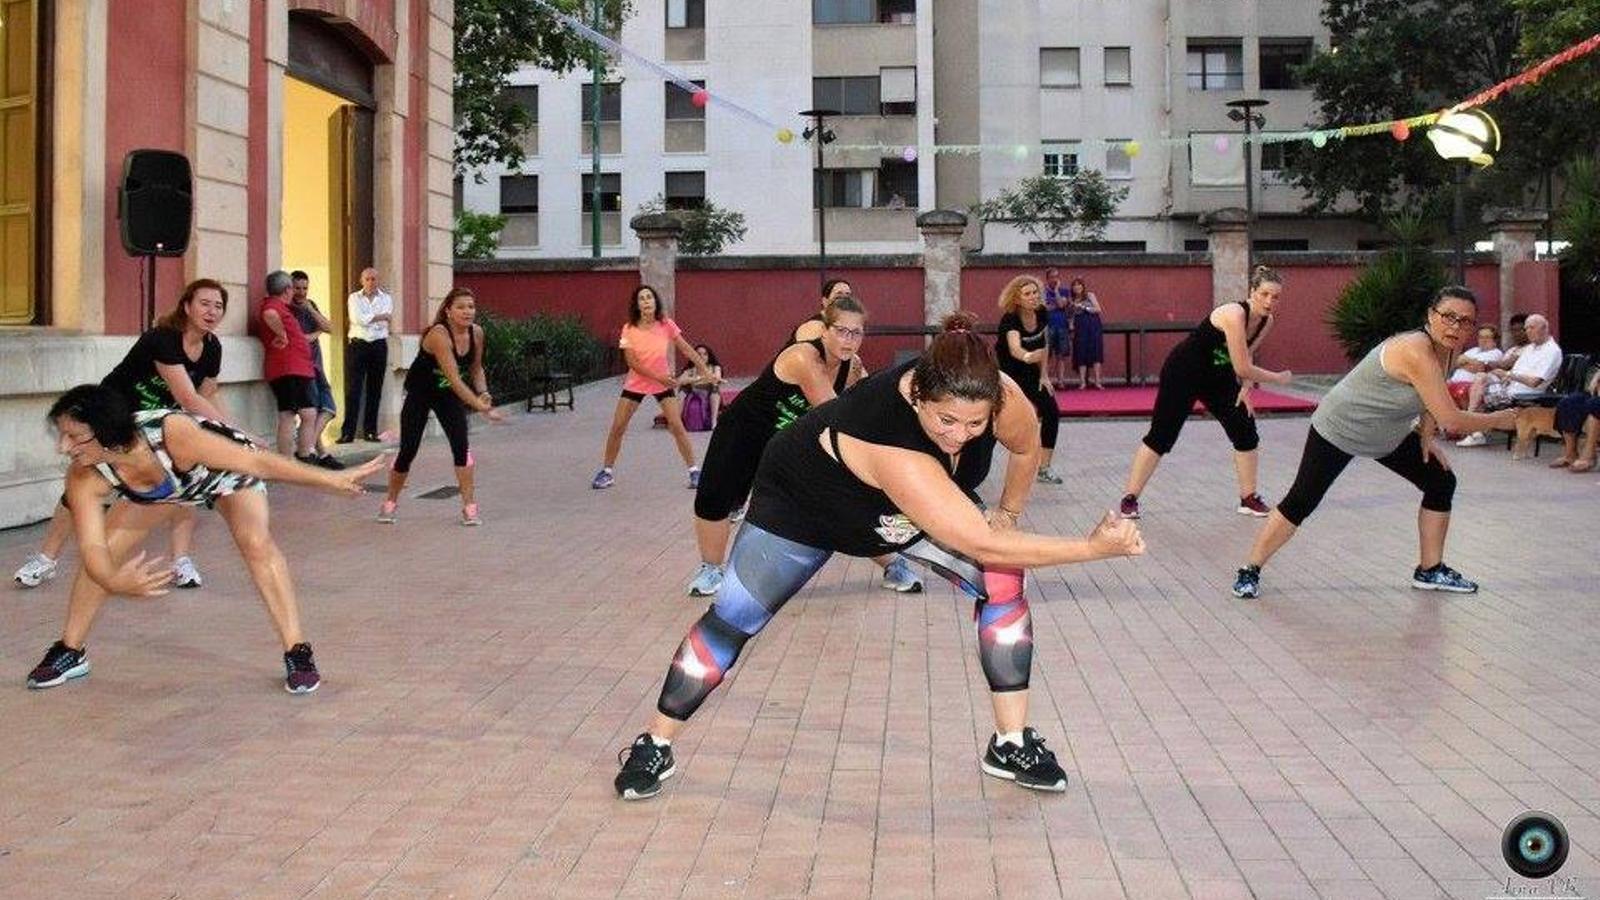 Usuaris del casal de barri de s'Escorxador fent una exhibició de zumba fitness